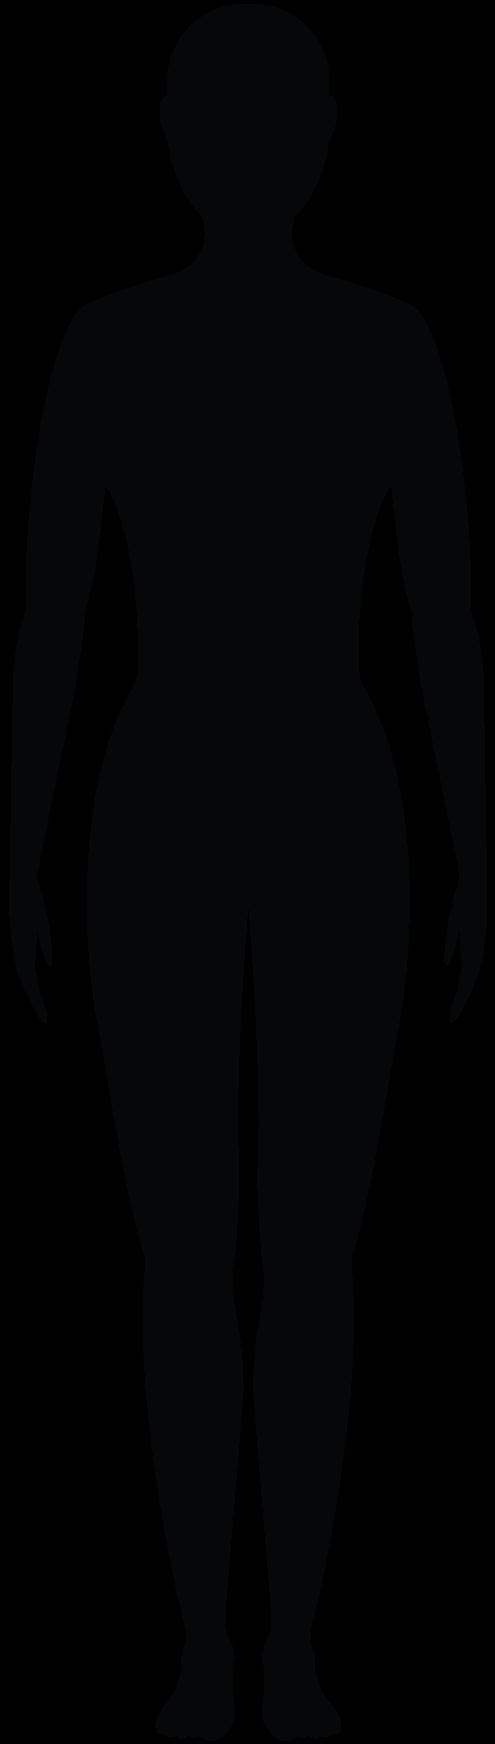 Illustrated human figure